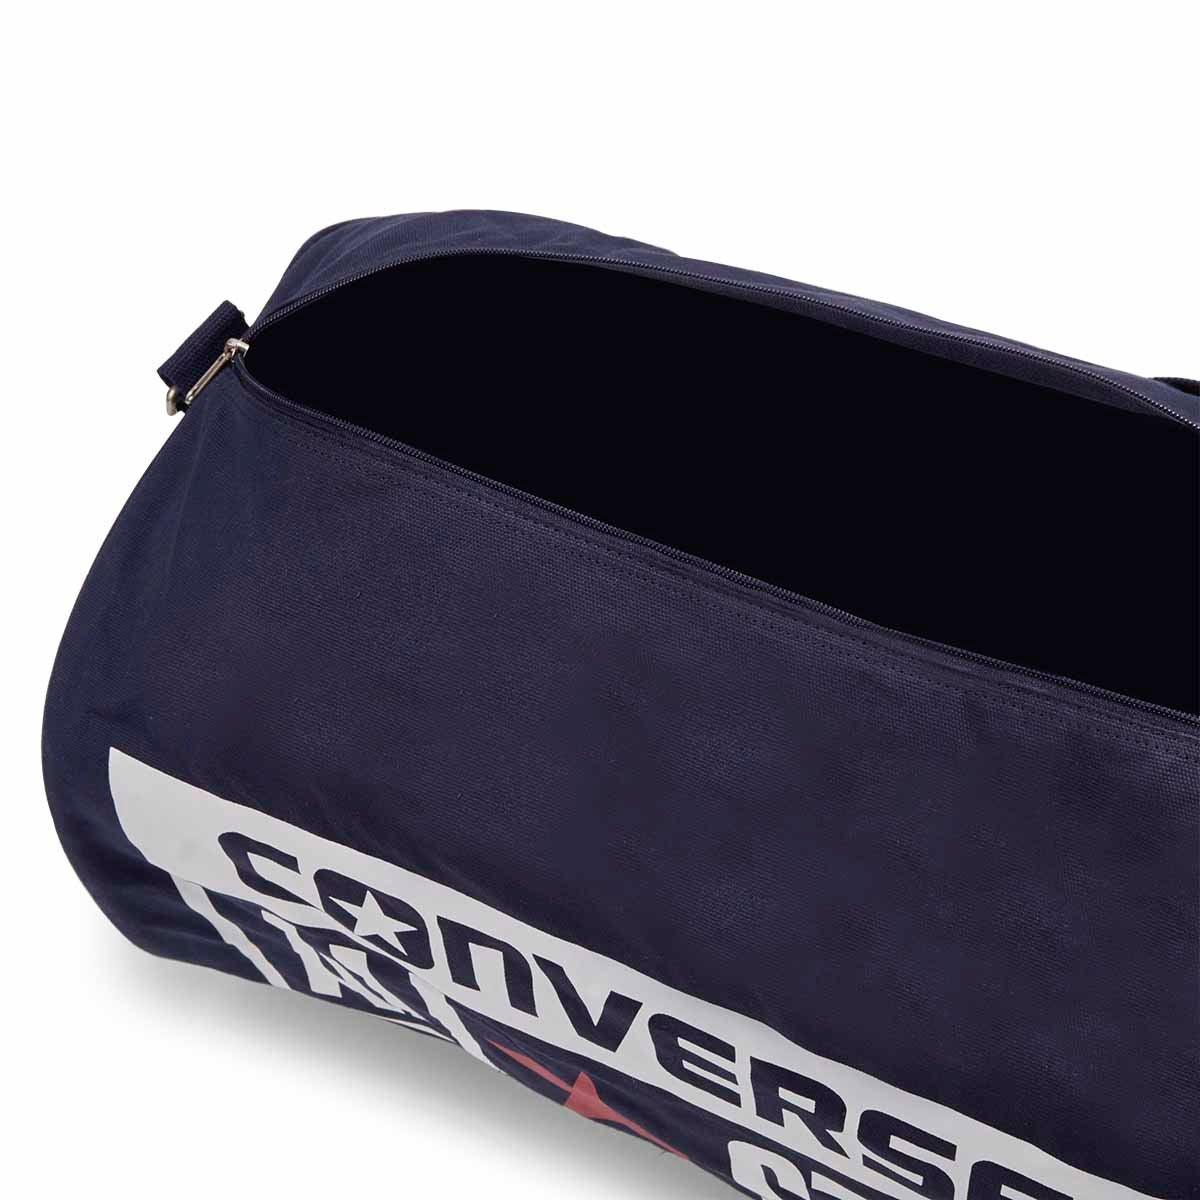 Unisex Legacy Barrel Duffel Bag navy